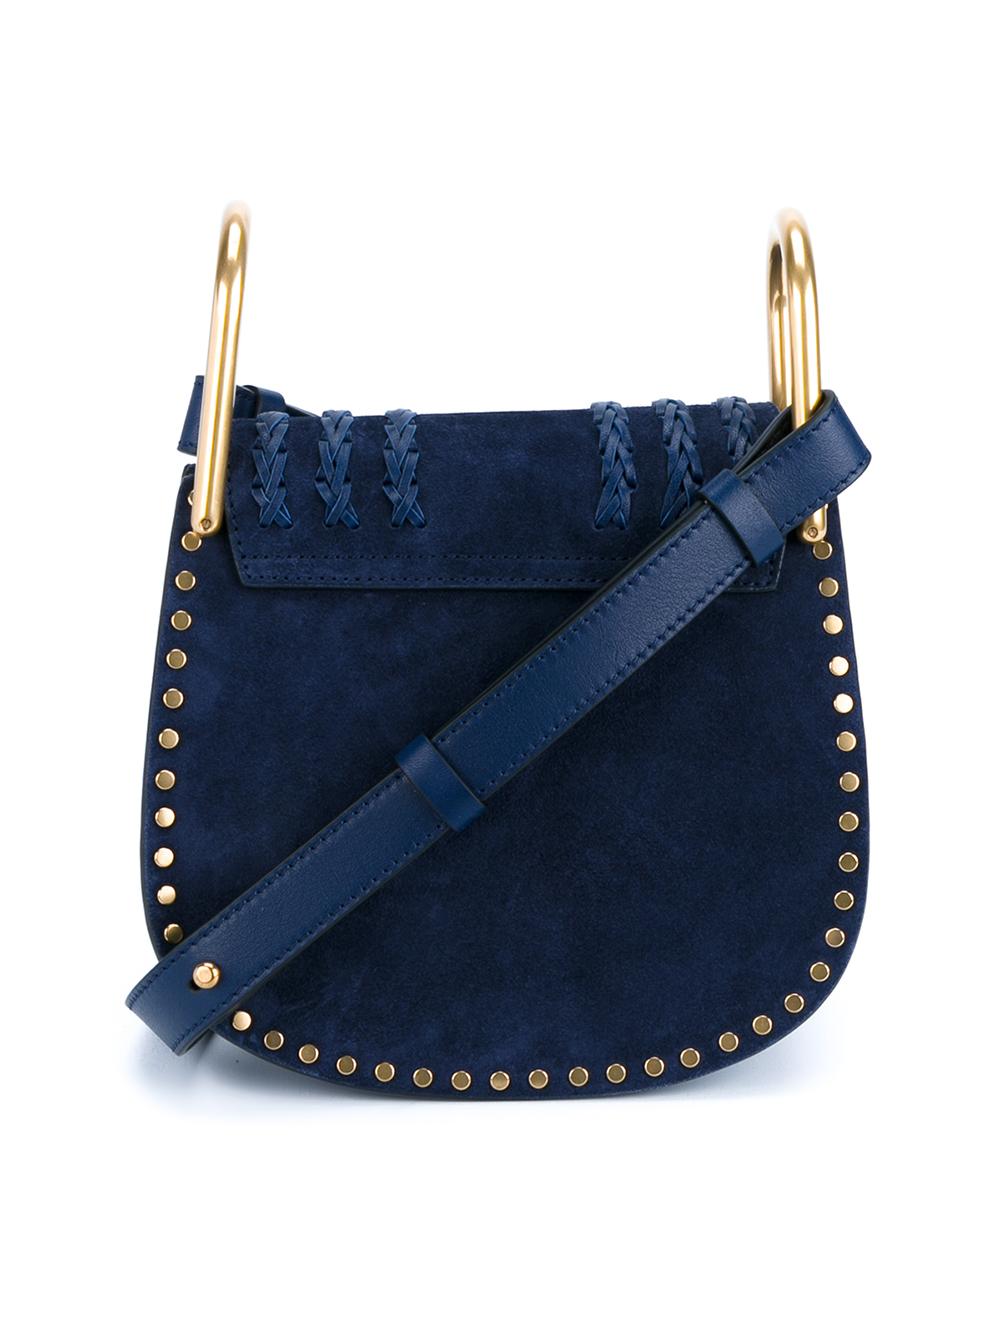 chloe replicas - Chlo�� Mini \u0026#39;hudson\u0026#39; Crossbody Bag in Blue | Lyst